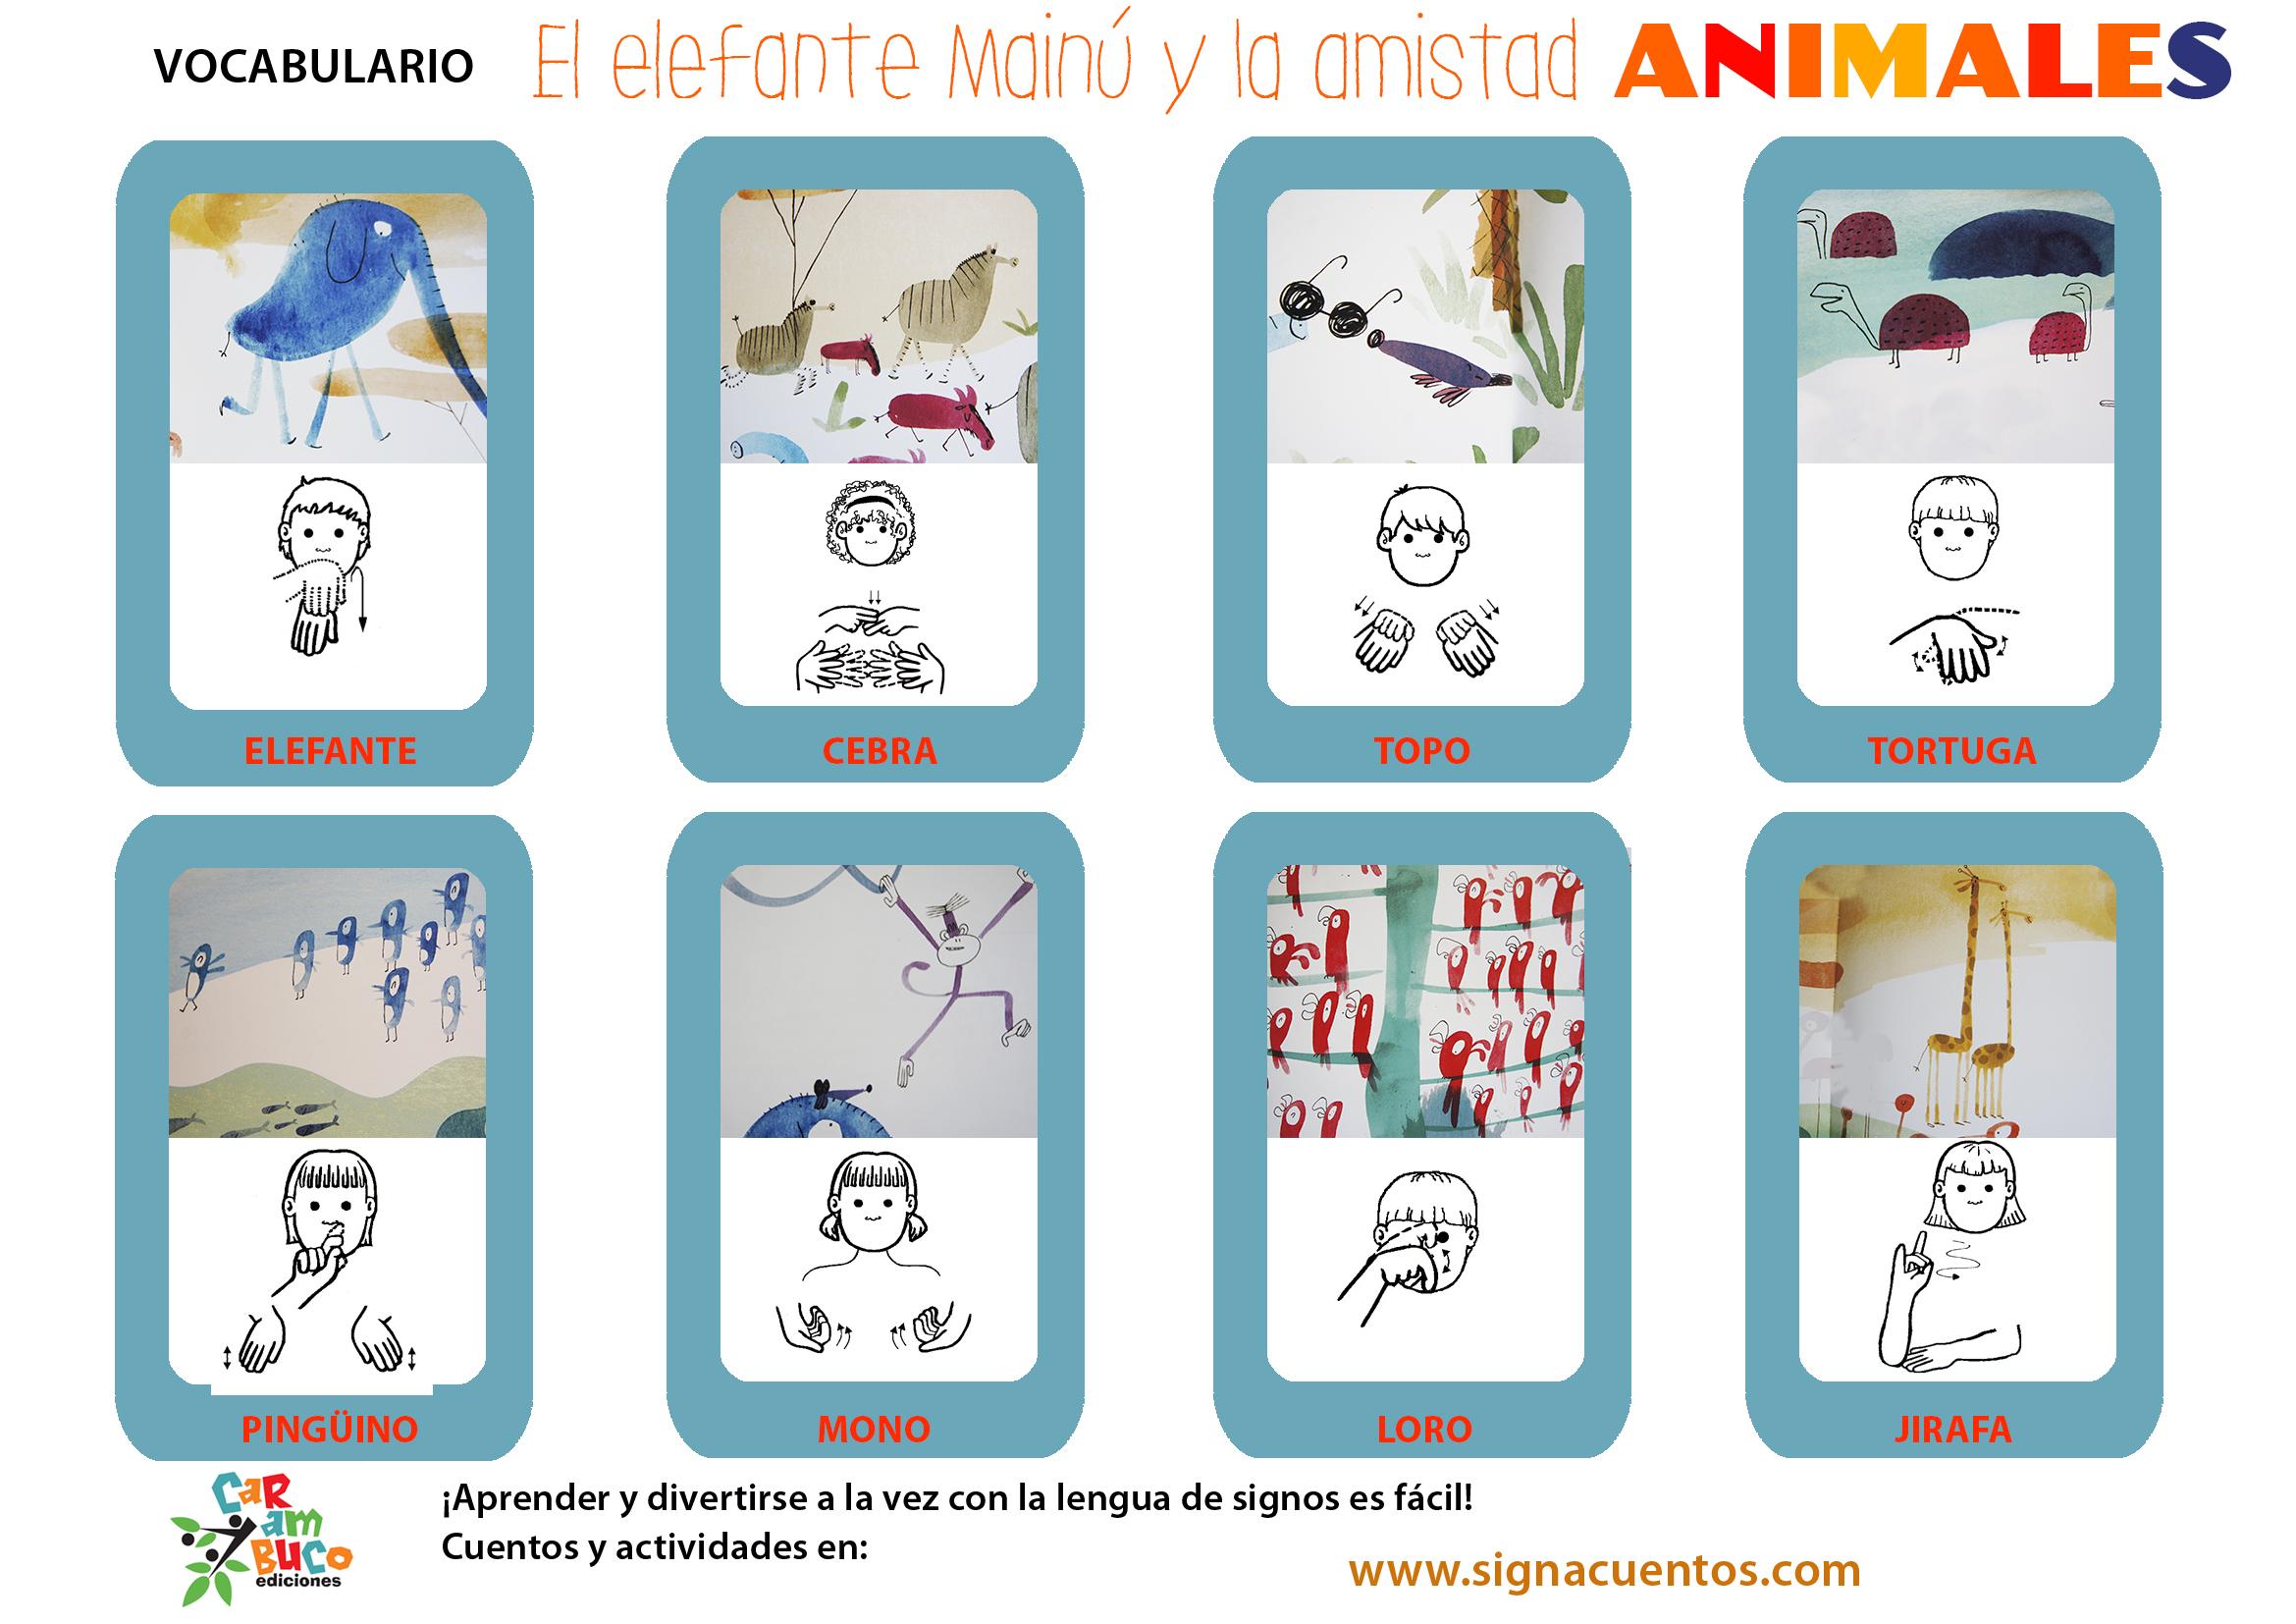 Vocabulario animales en lengua de signos española